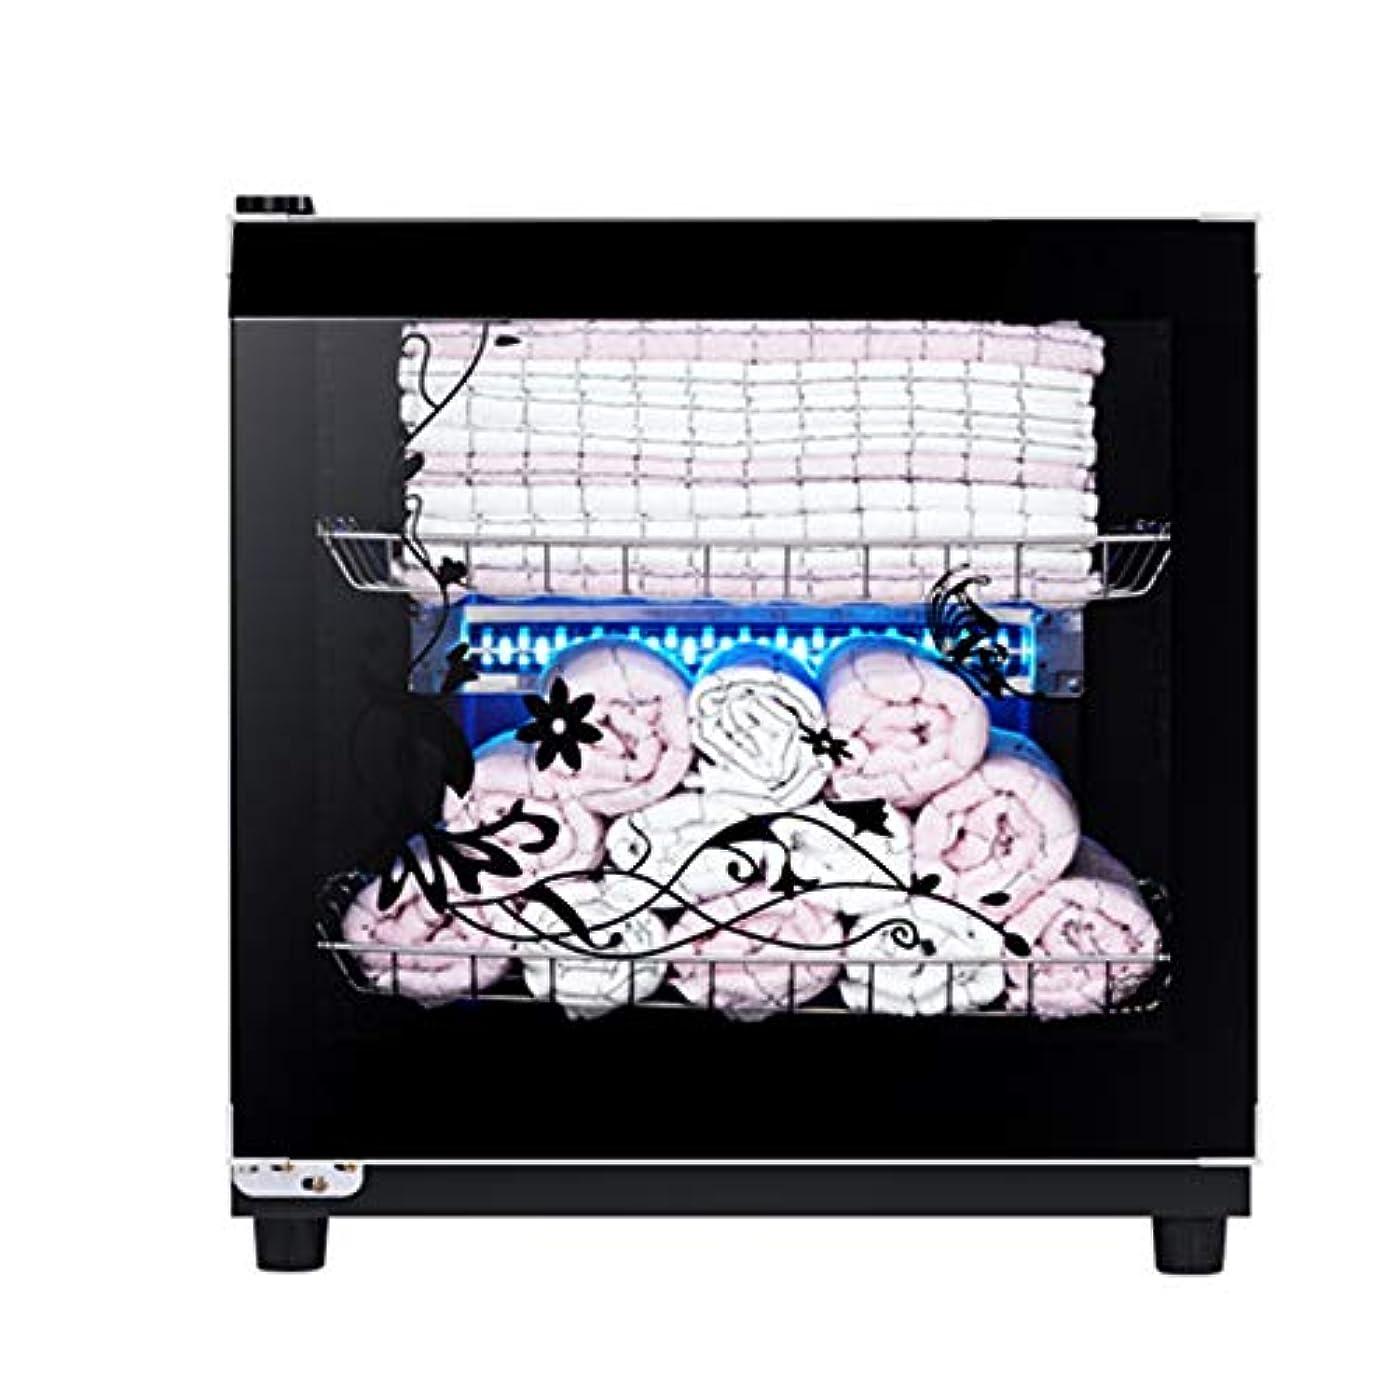 安心させるクリームずるい3in1タオルウォーマーホットキャビネット紫外線オゾン滅菌ツールウェットタオルヒーター、タイミング消毒、家庭用コマーシャル(3サイズ)